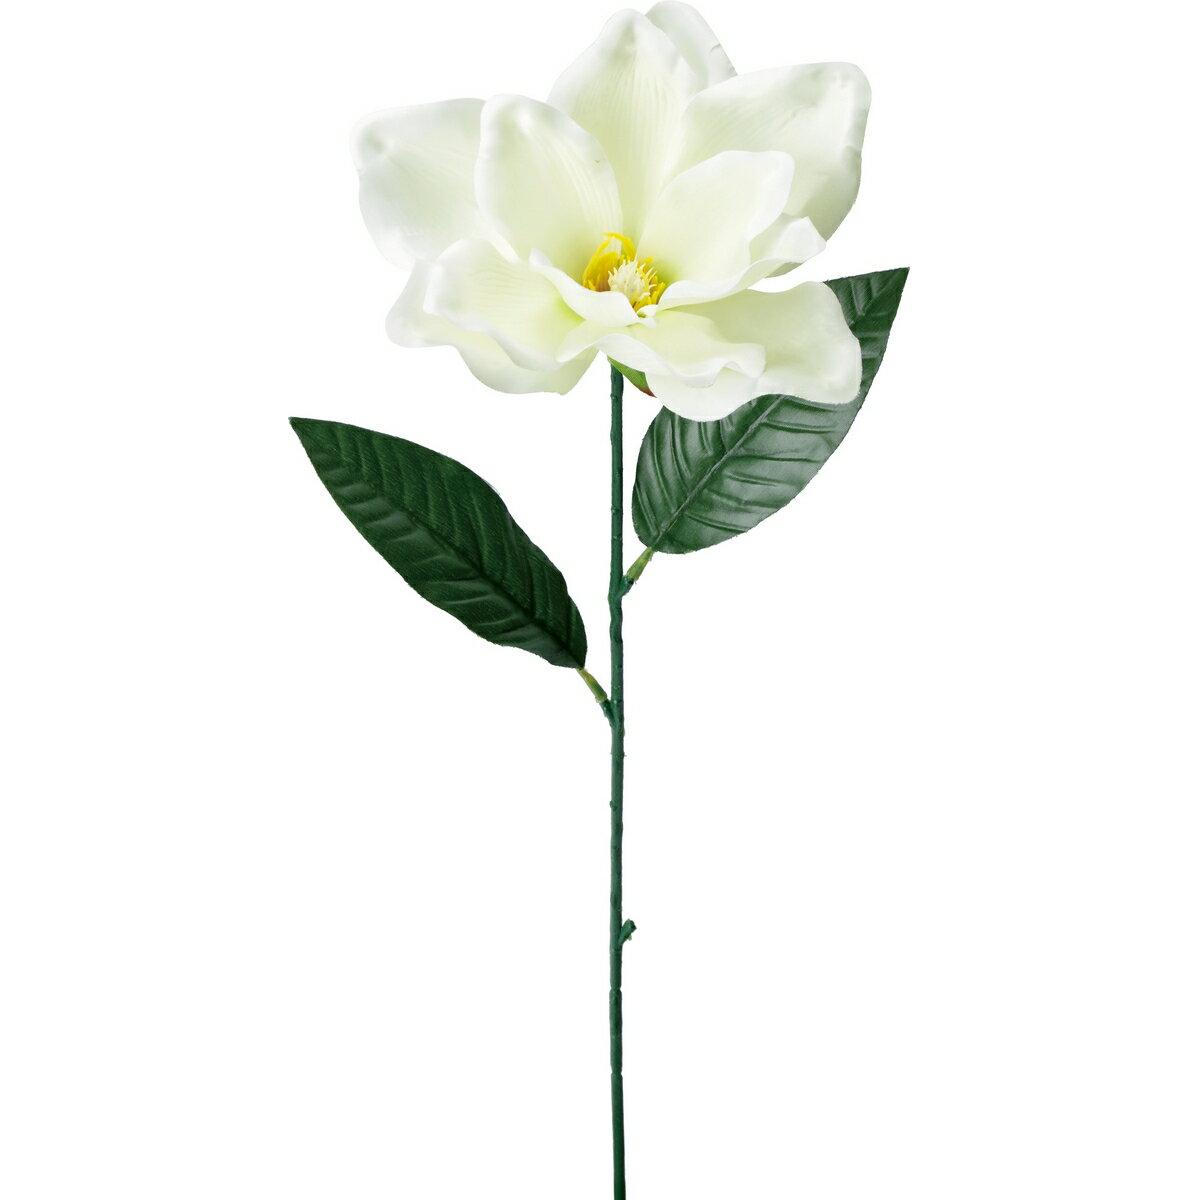 【造花】YDM/シングルマグノリア クリーム/FF -2917-CR【01】【01】【取寄】《 造花(アーティフィシャルフラワー) 造花 花材「ま行」 モクレン(木蓮)・マグノリア 》